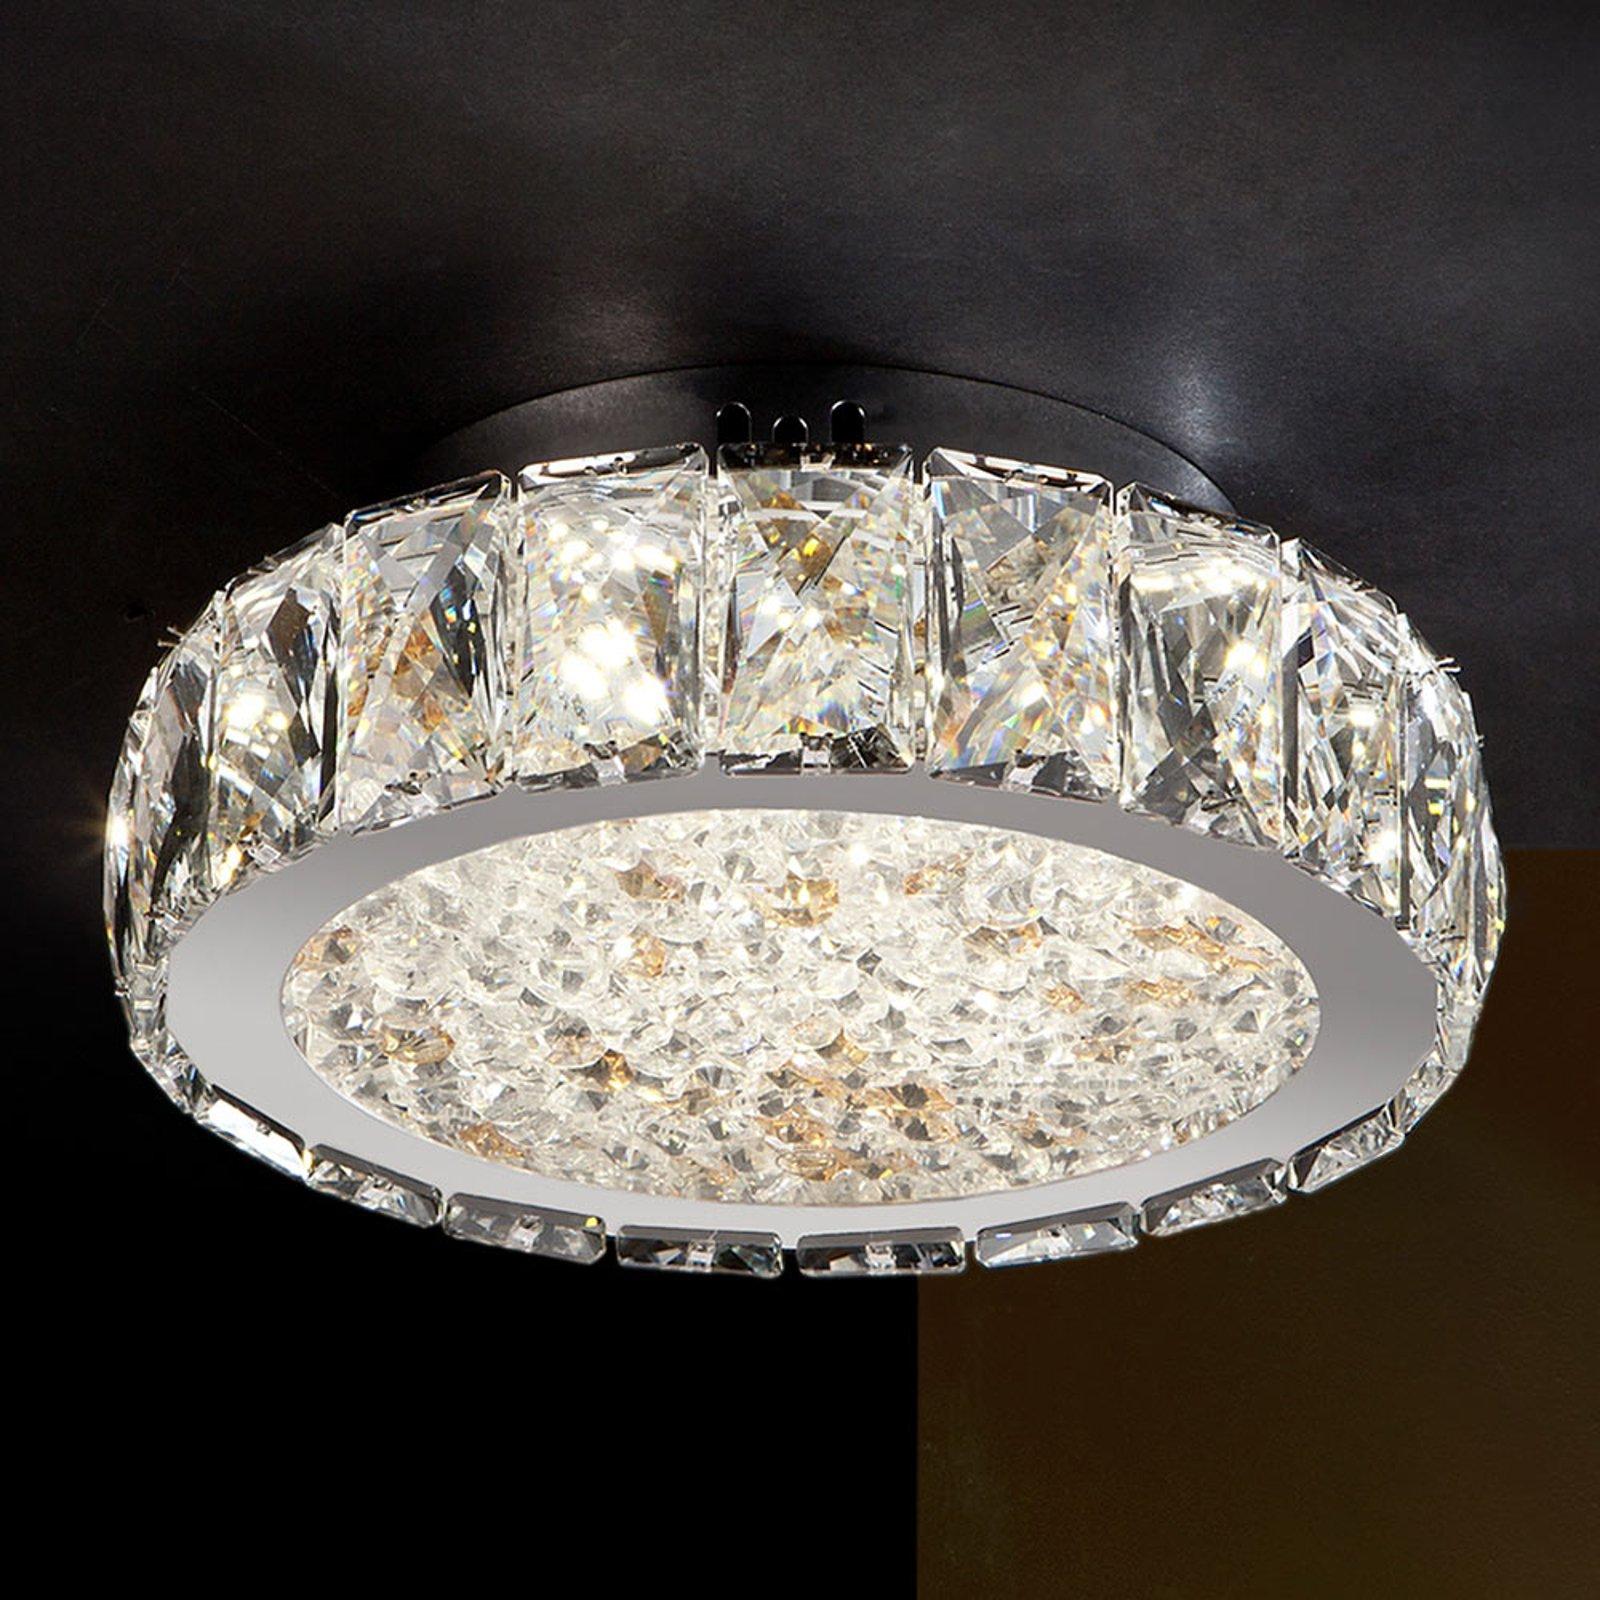 Dana - LED-taklampe med glasskrystaller